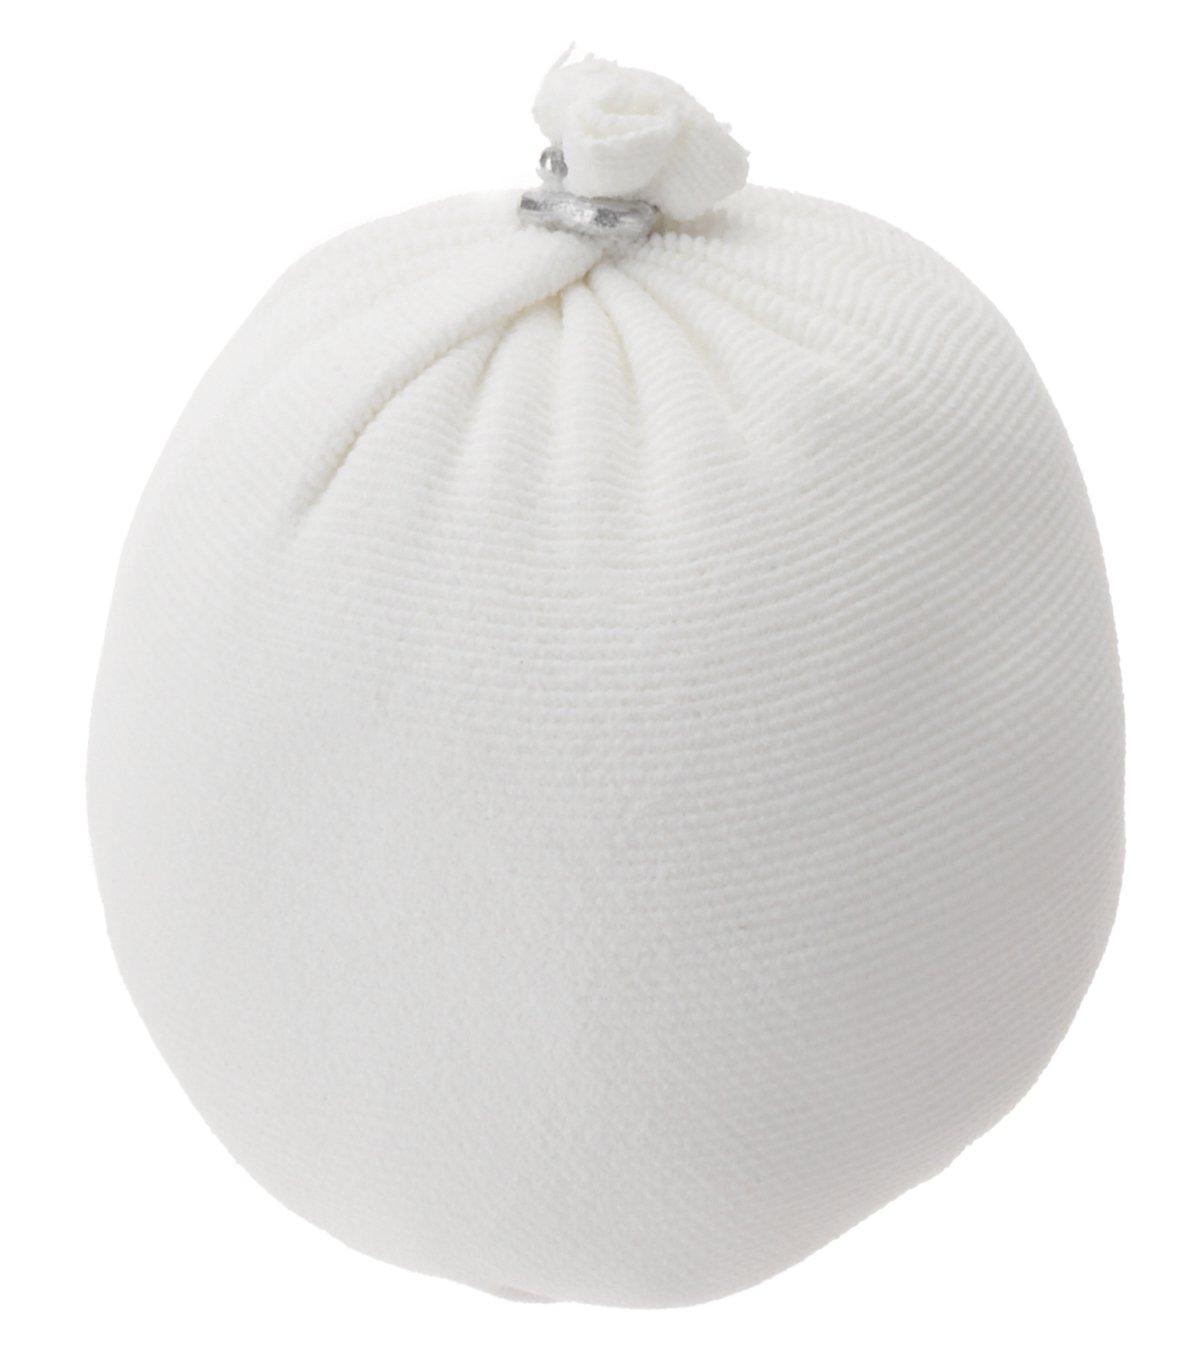 Edelrid Boulderzubehör Chalk Balls Klein, 727860300470